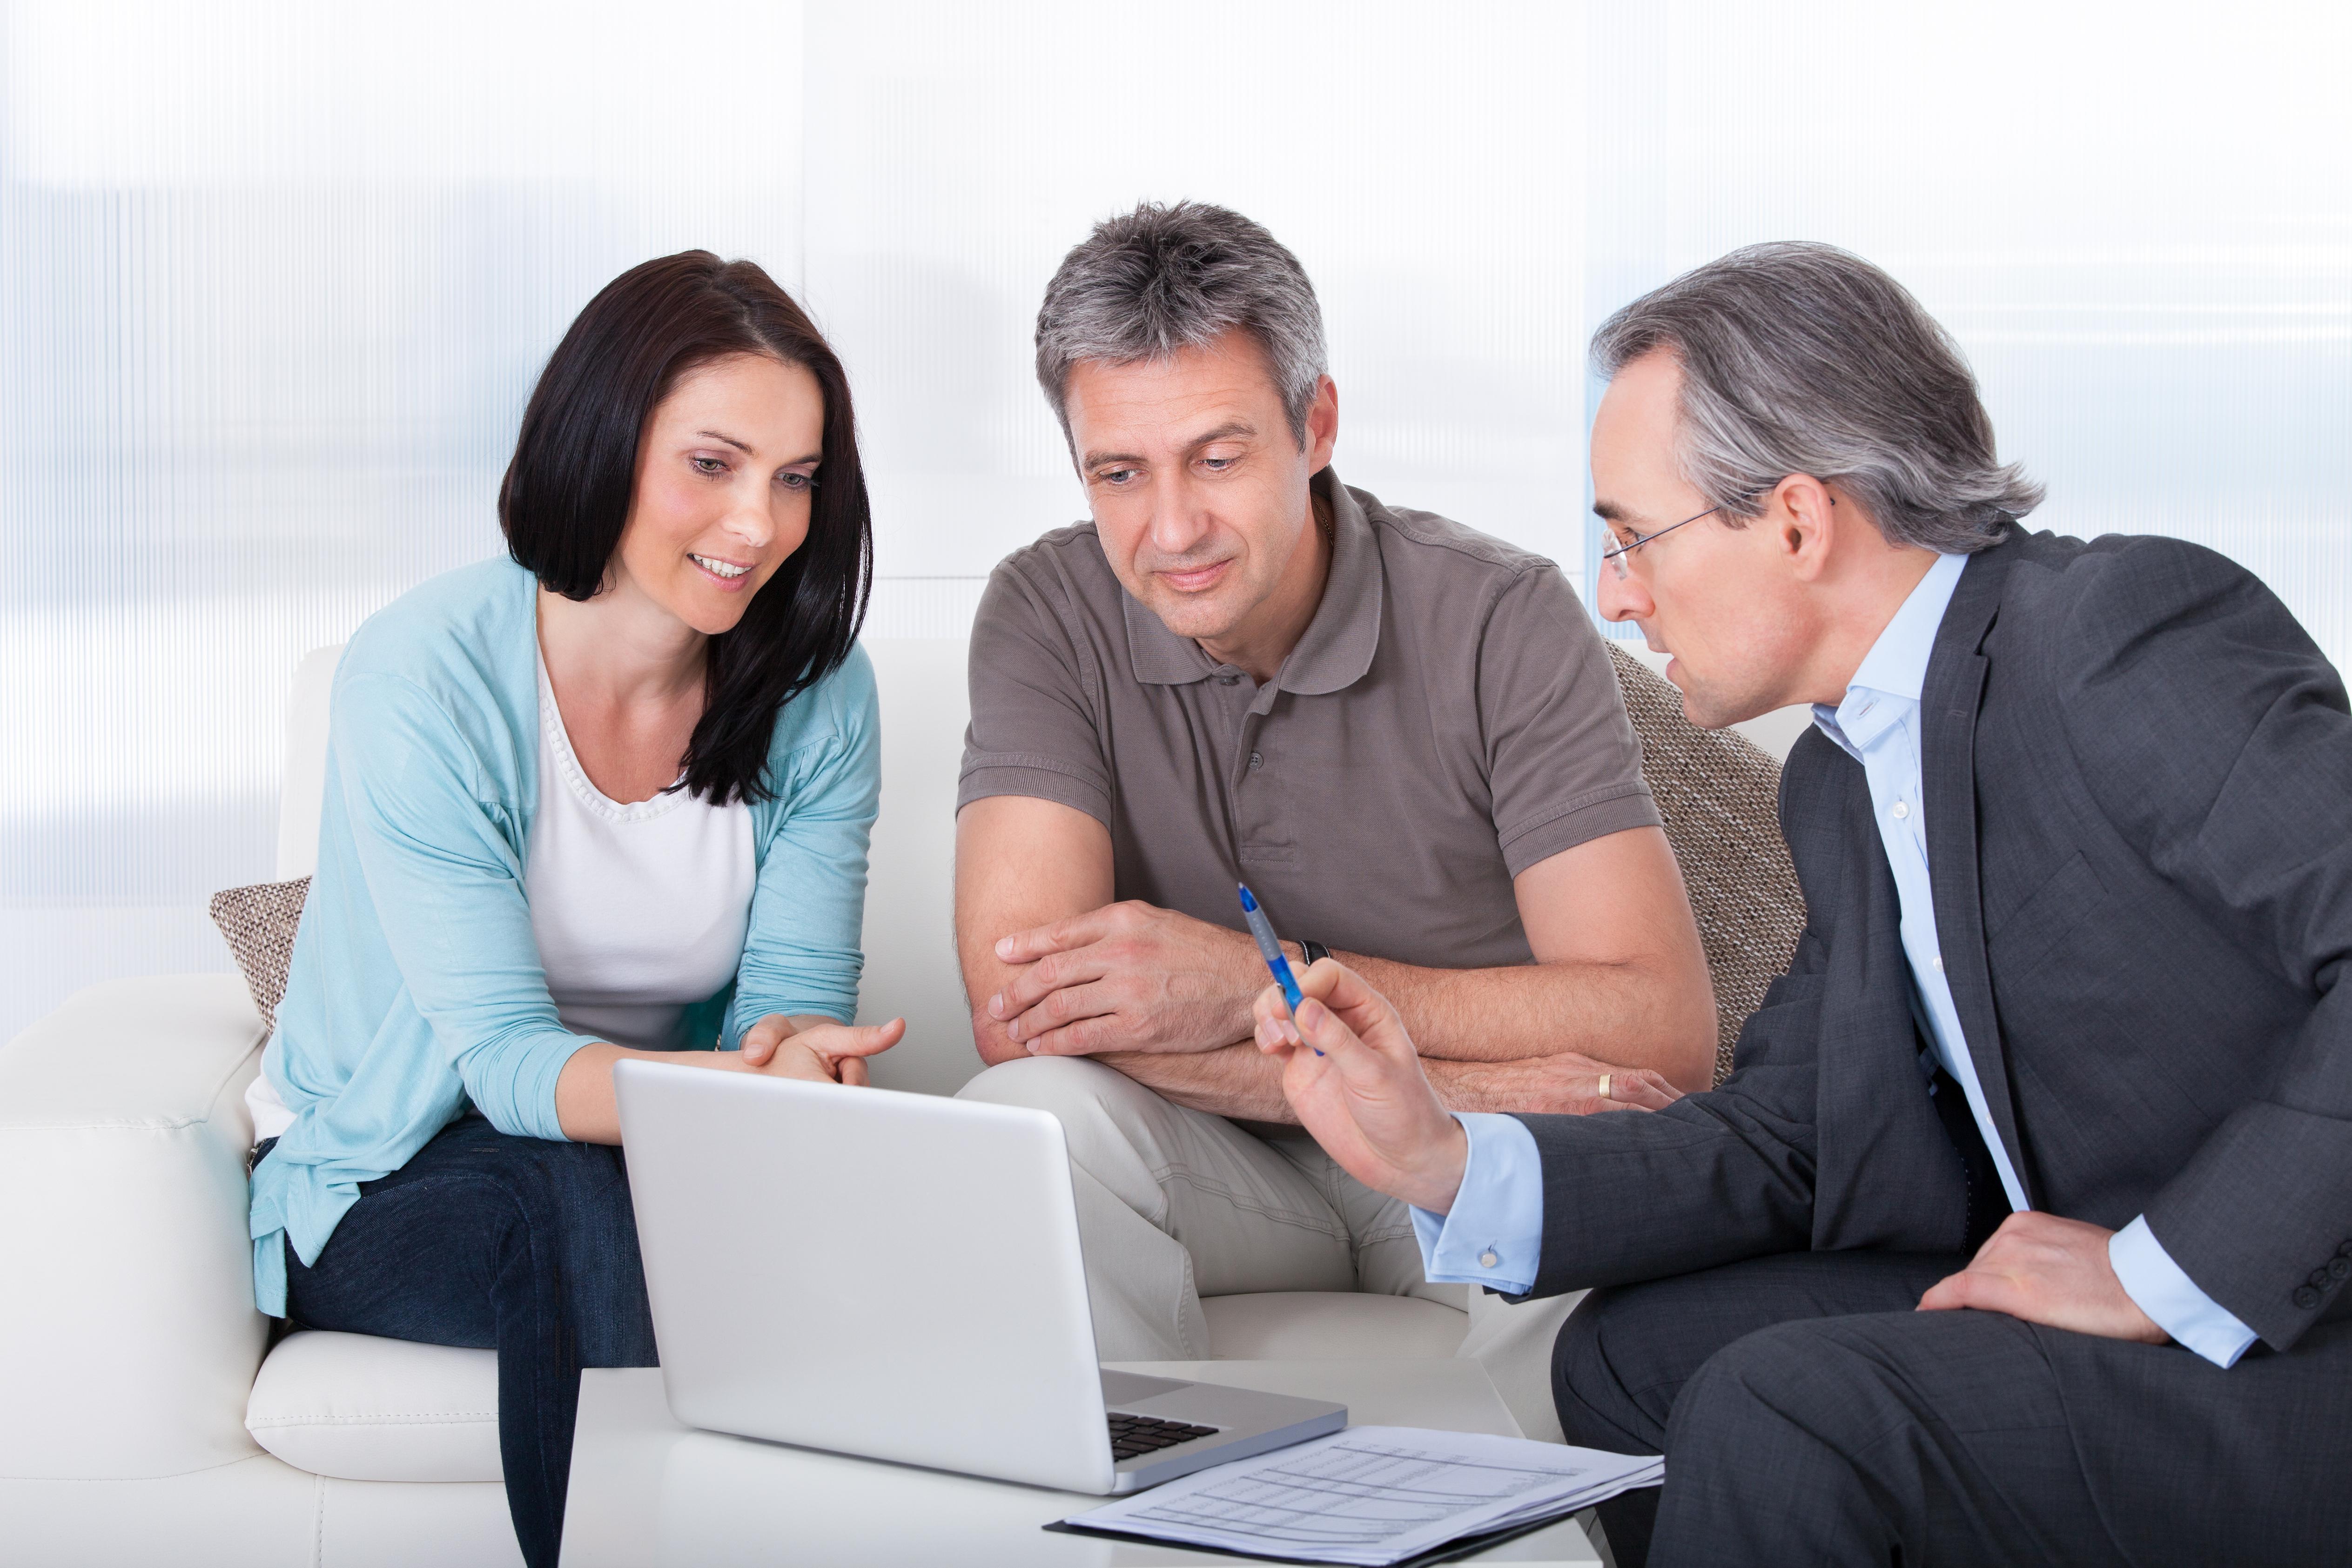 Las 5 Ventajas Principales De Contratar A Un Asesor